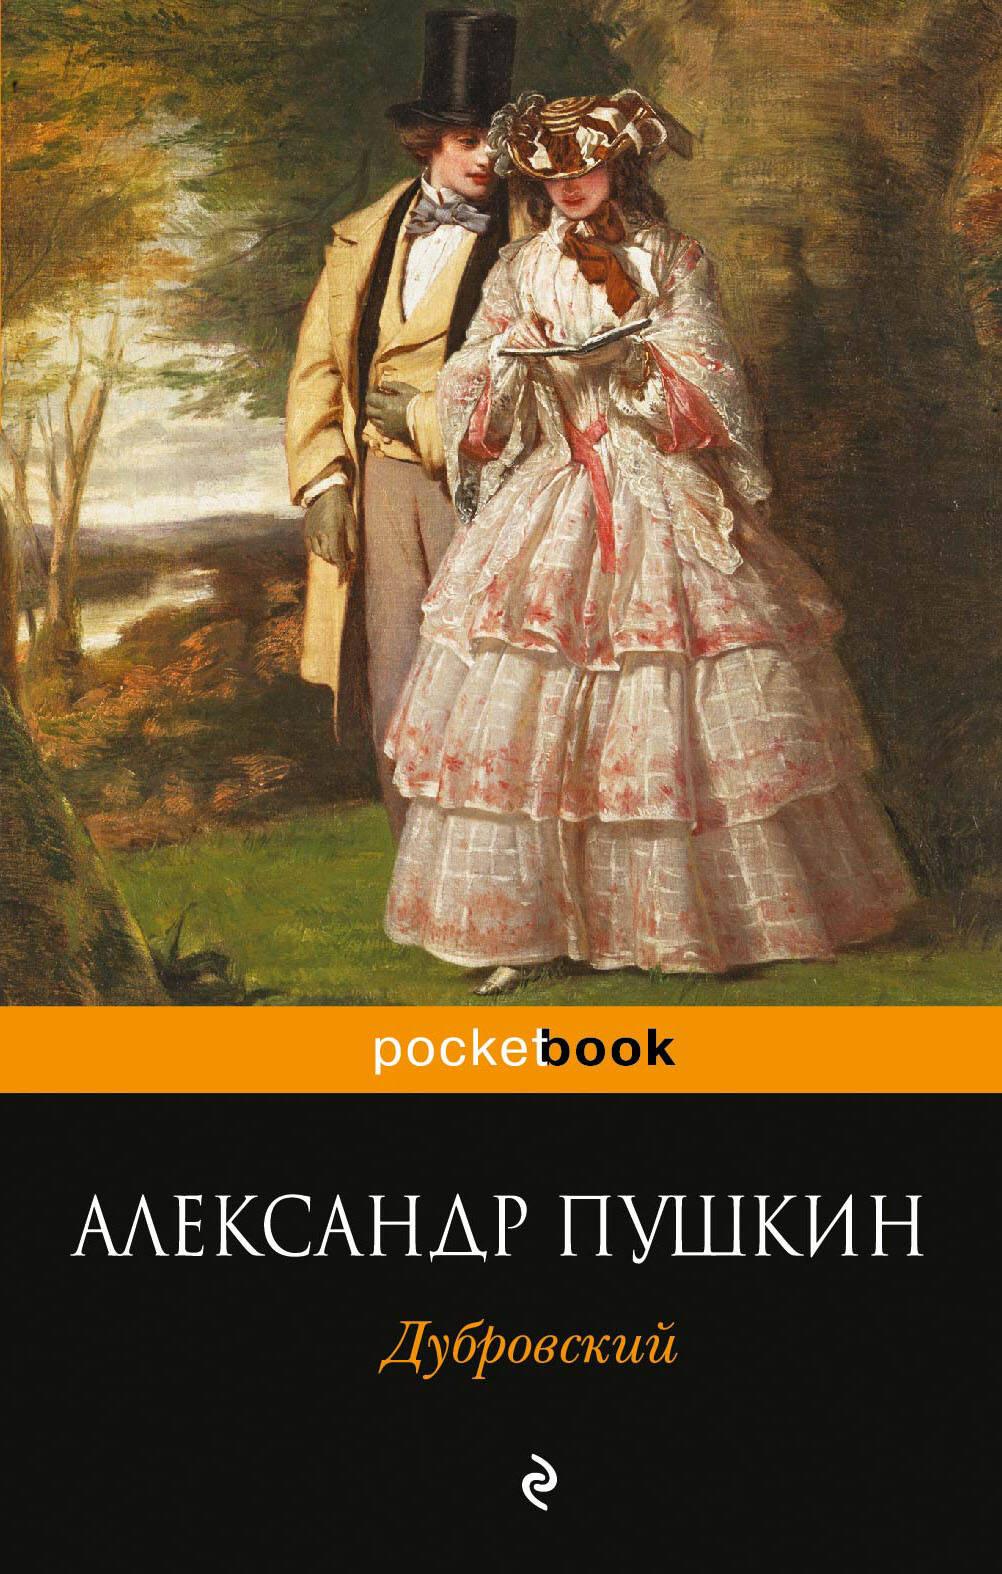 Пушкин дубровский с иллюстрациями этом